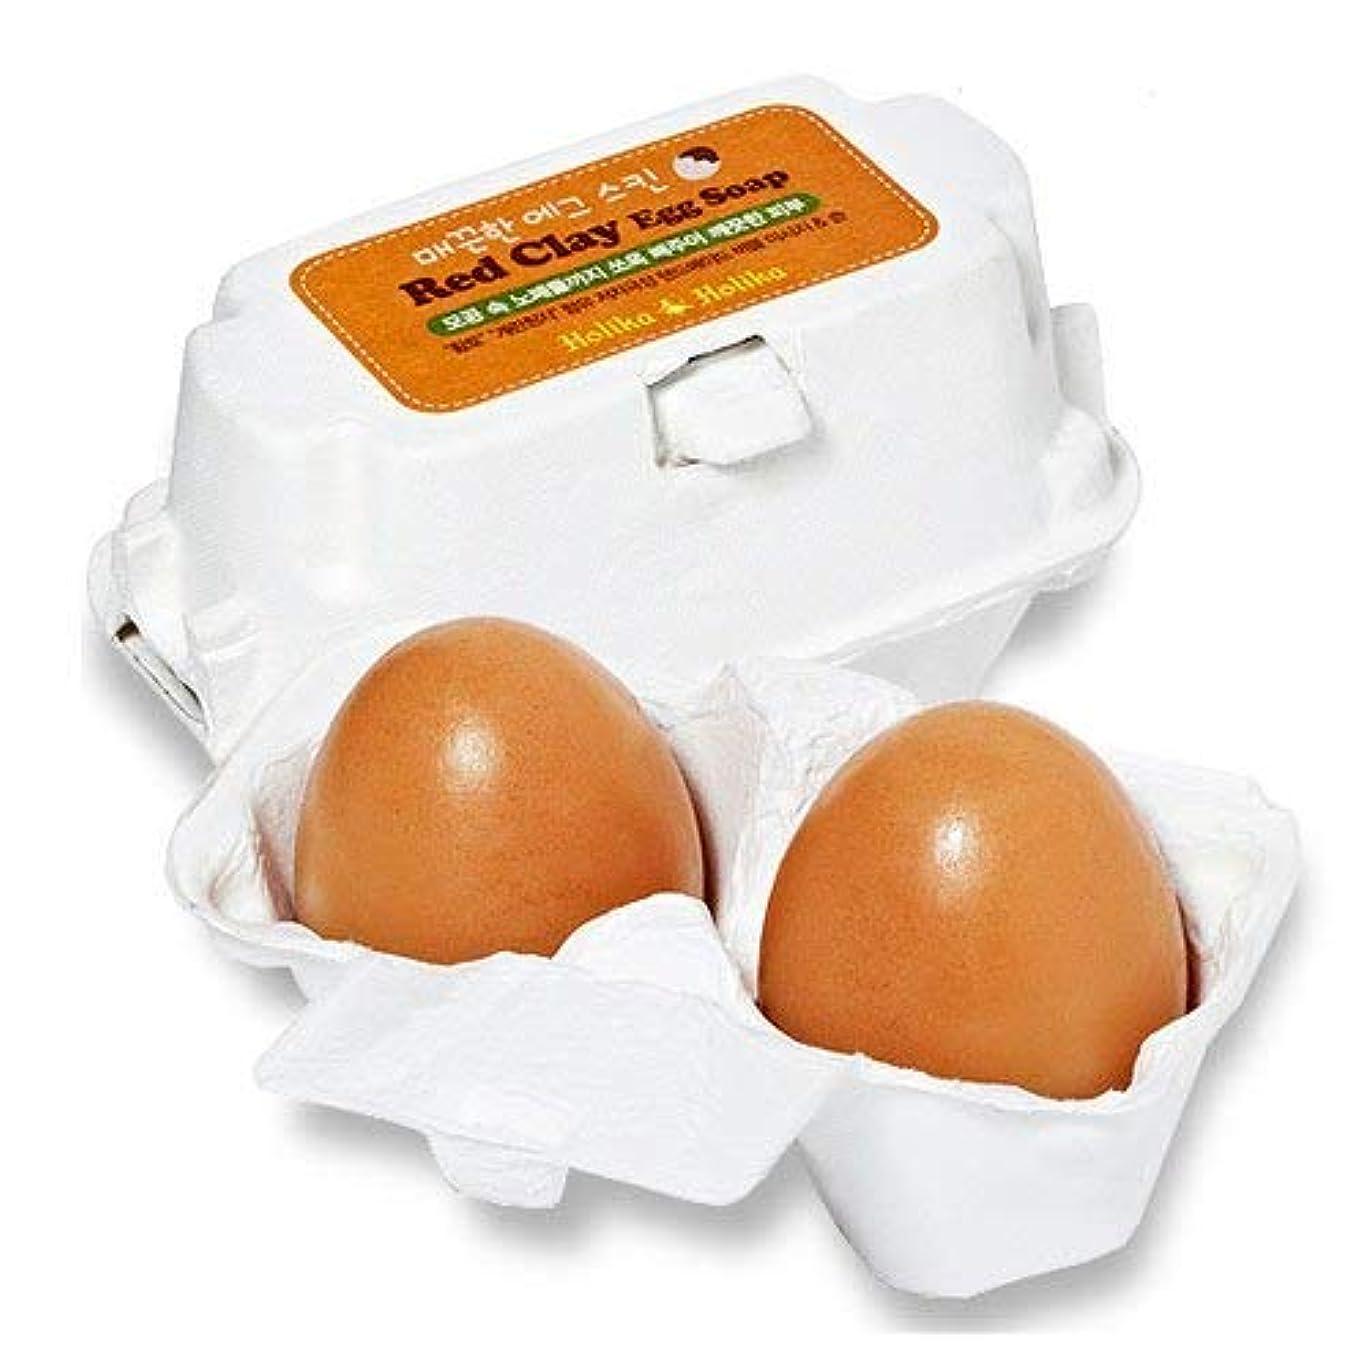 修理工撤退塩[黄土/Red Clay] Holika Holika Egg Skin Egg Soap ホリカホリカ エッグスキン エッグソープ (50g*2個) [並行輸入品]